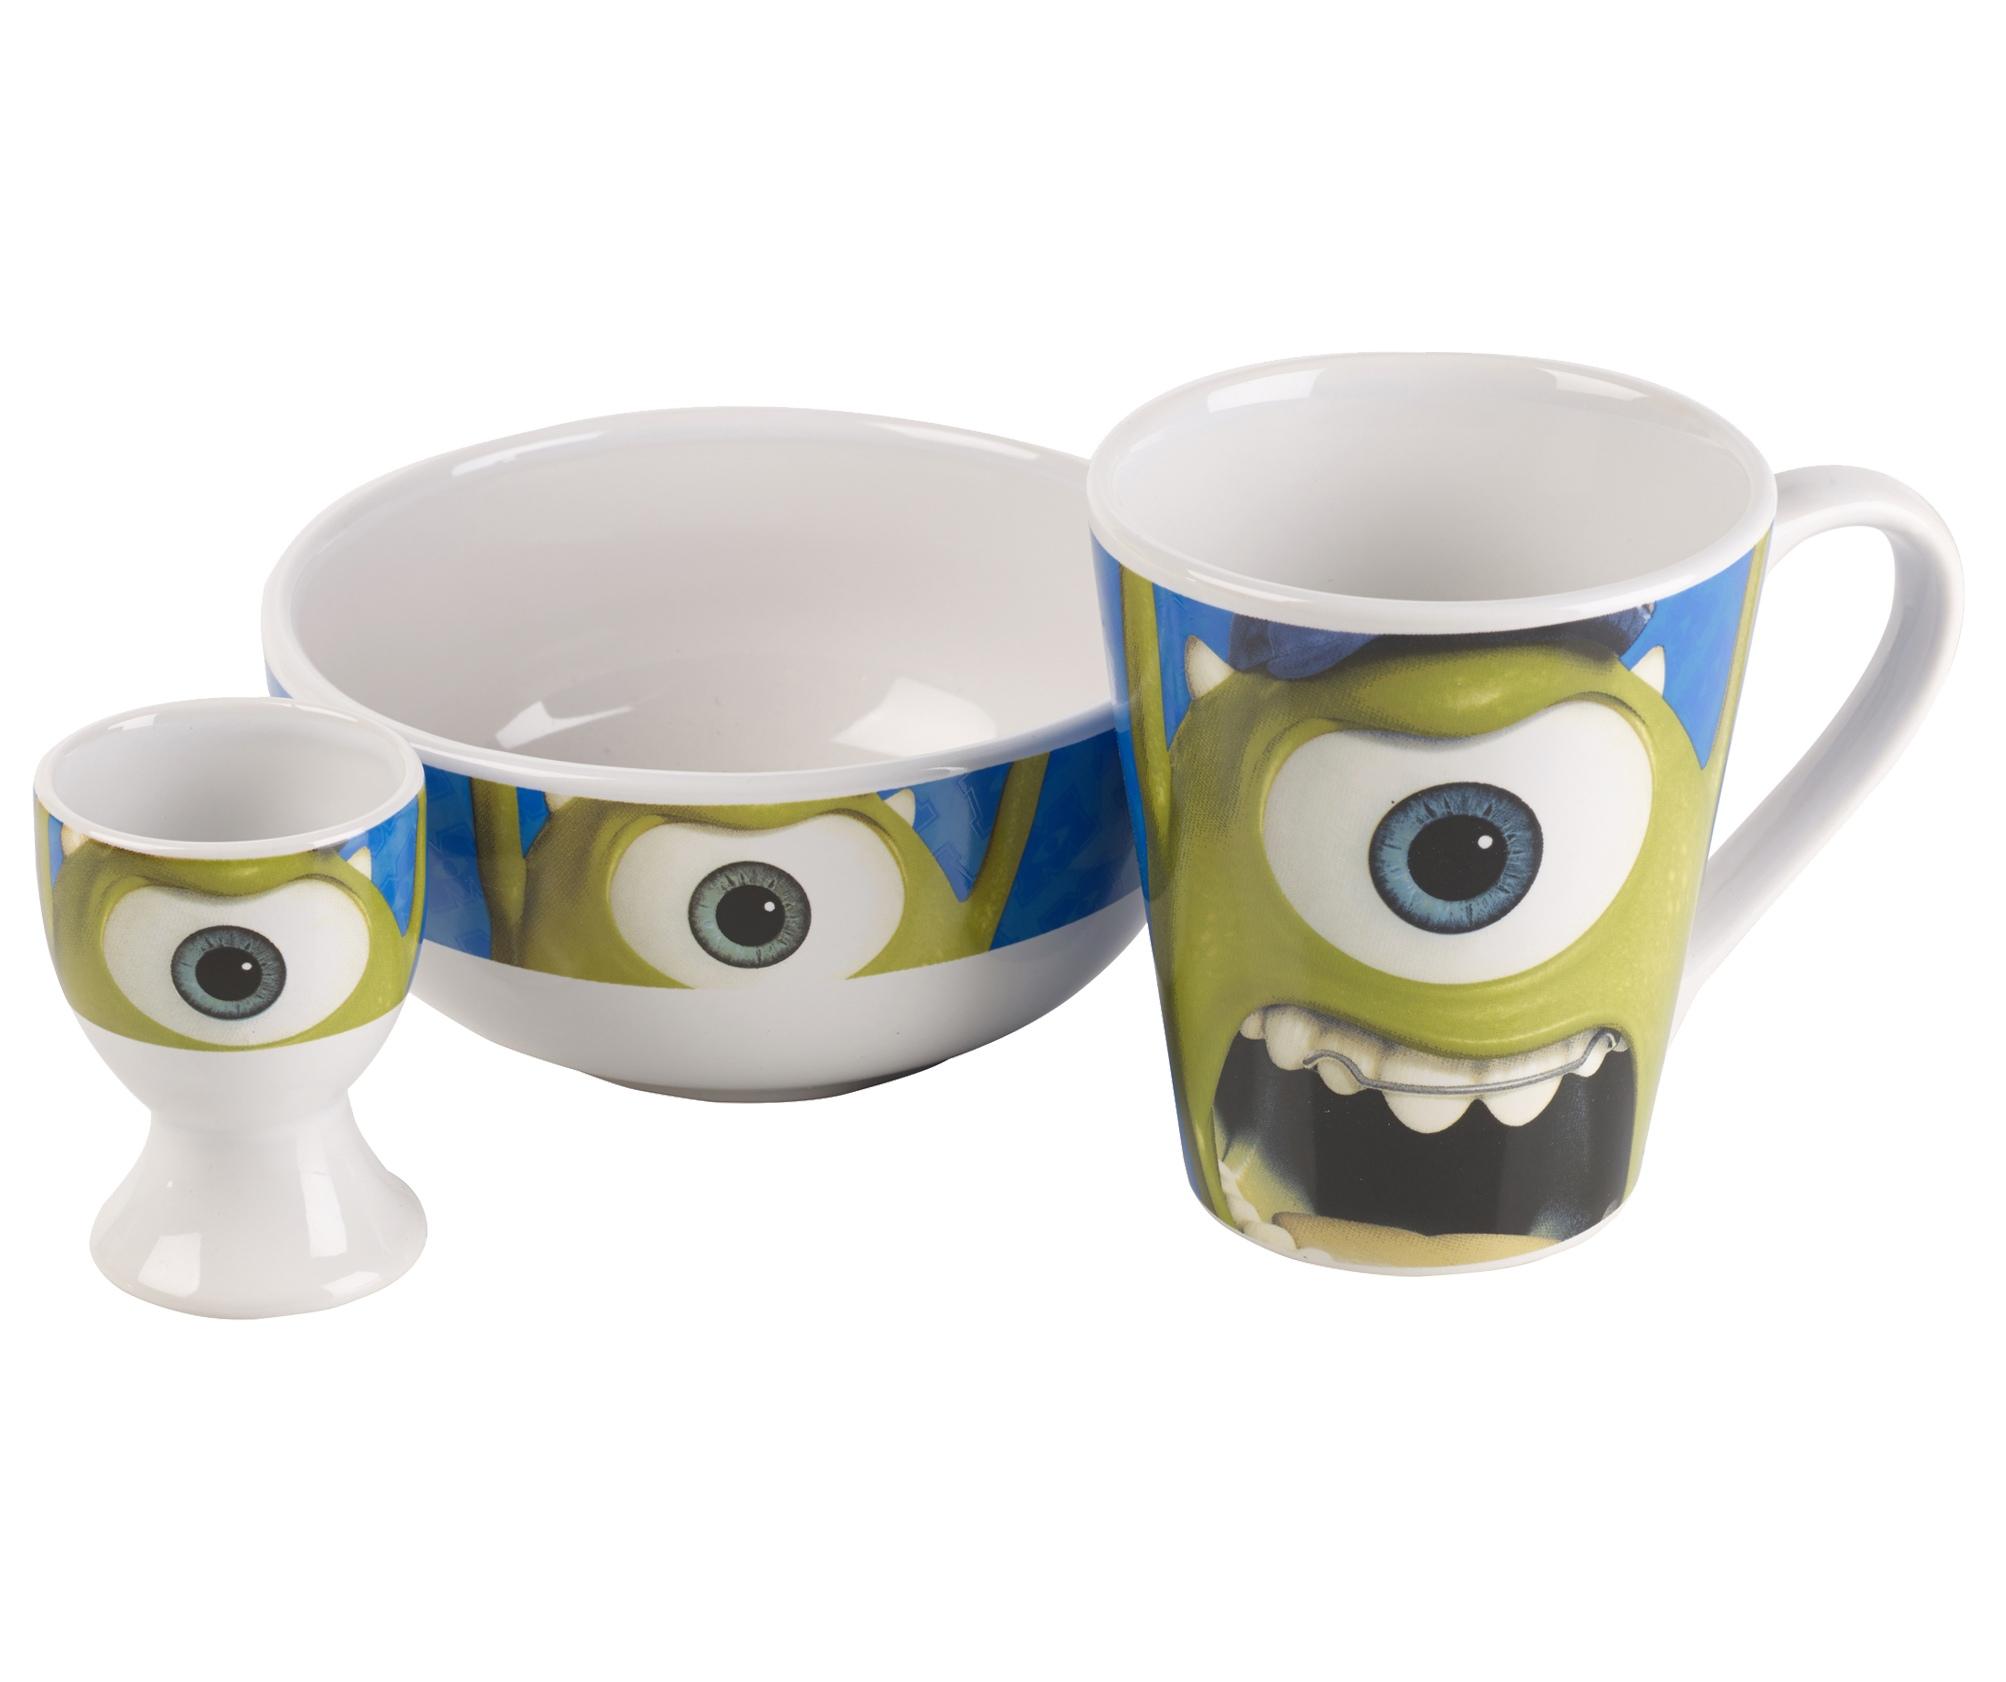 Disney Pixar Monsters University 3 Piece Room In A Box: Kids Disney Monsters University 3 Piece Ceramic Breakfast